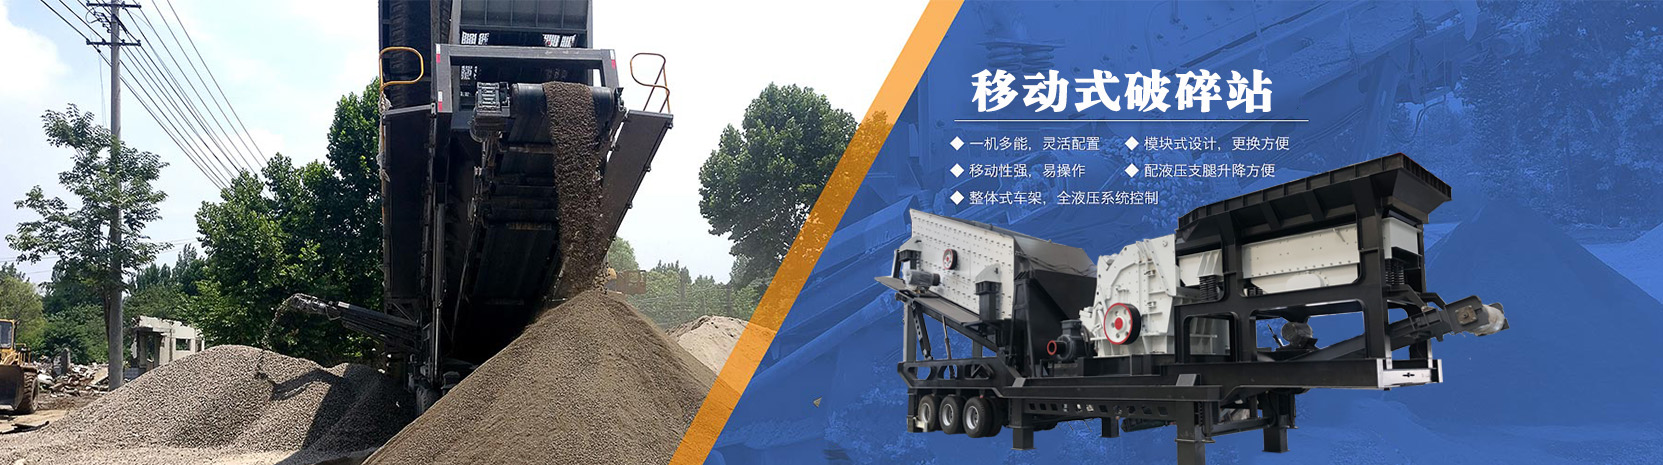 河卵石制砂生产,石英石制砂生产线,鹅卵石制砂生产线,